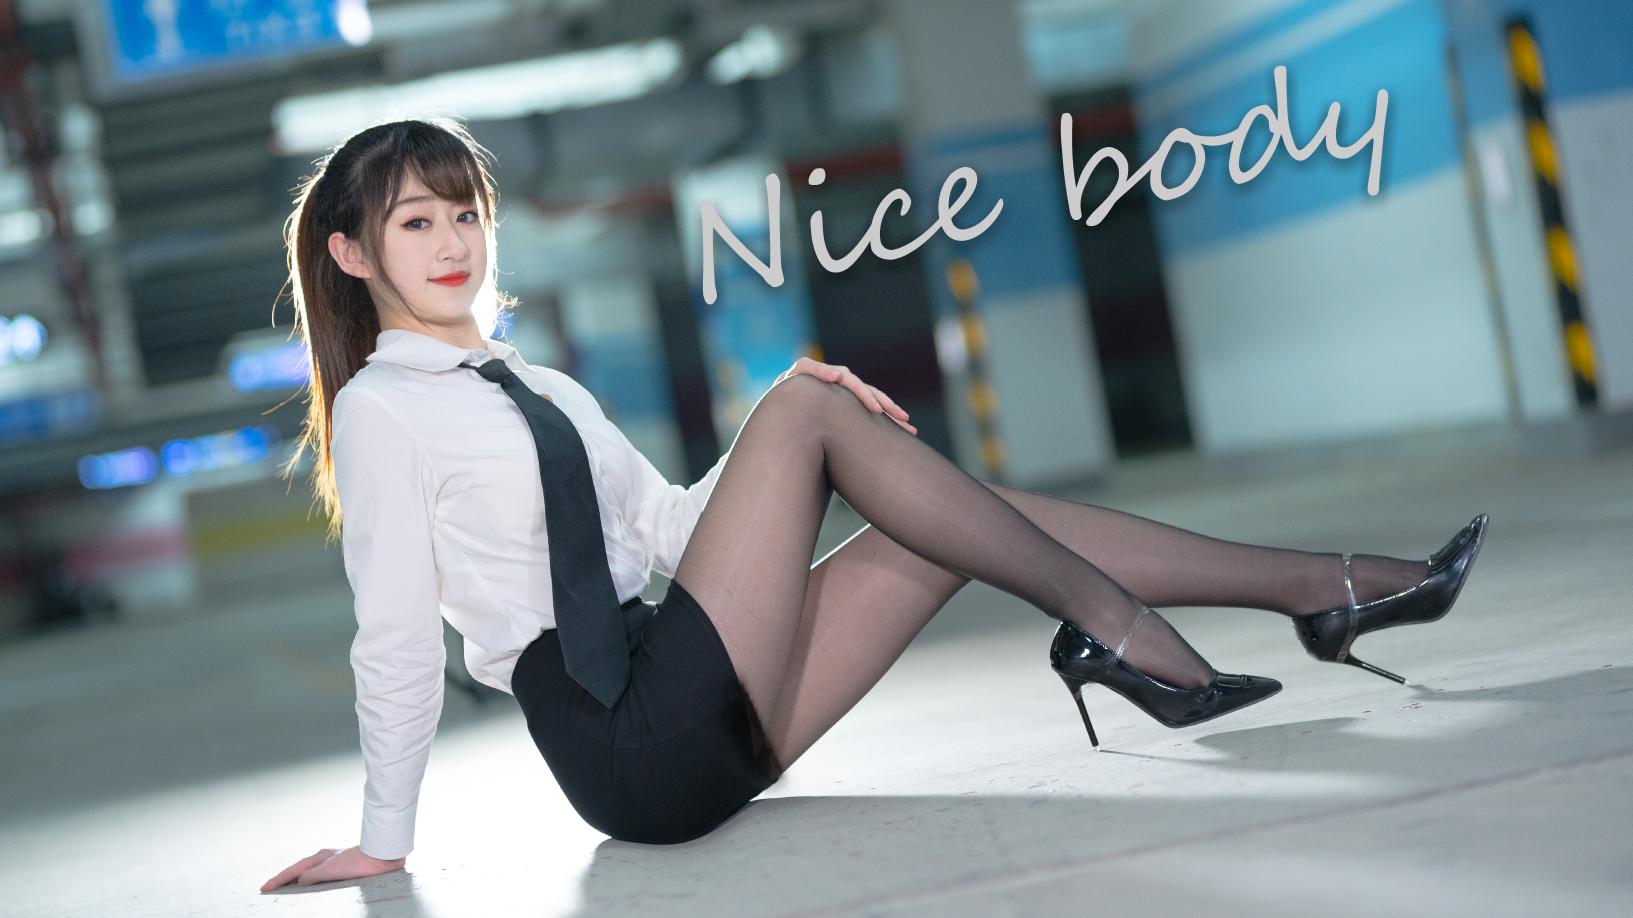 【小袜子】朴孝敏-nice body【竖屏版】